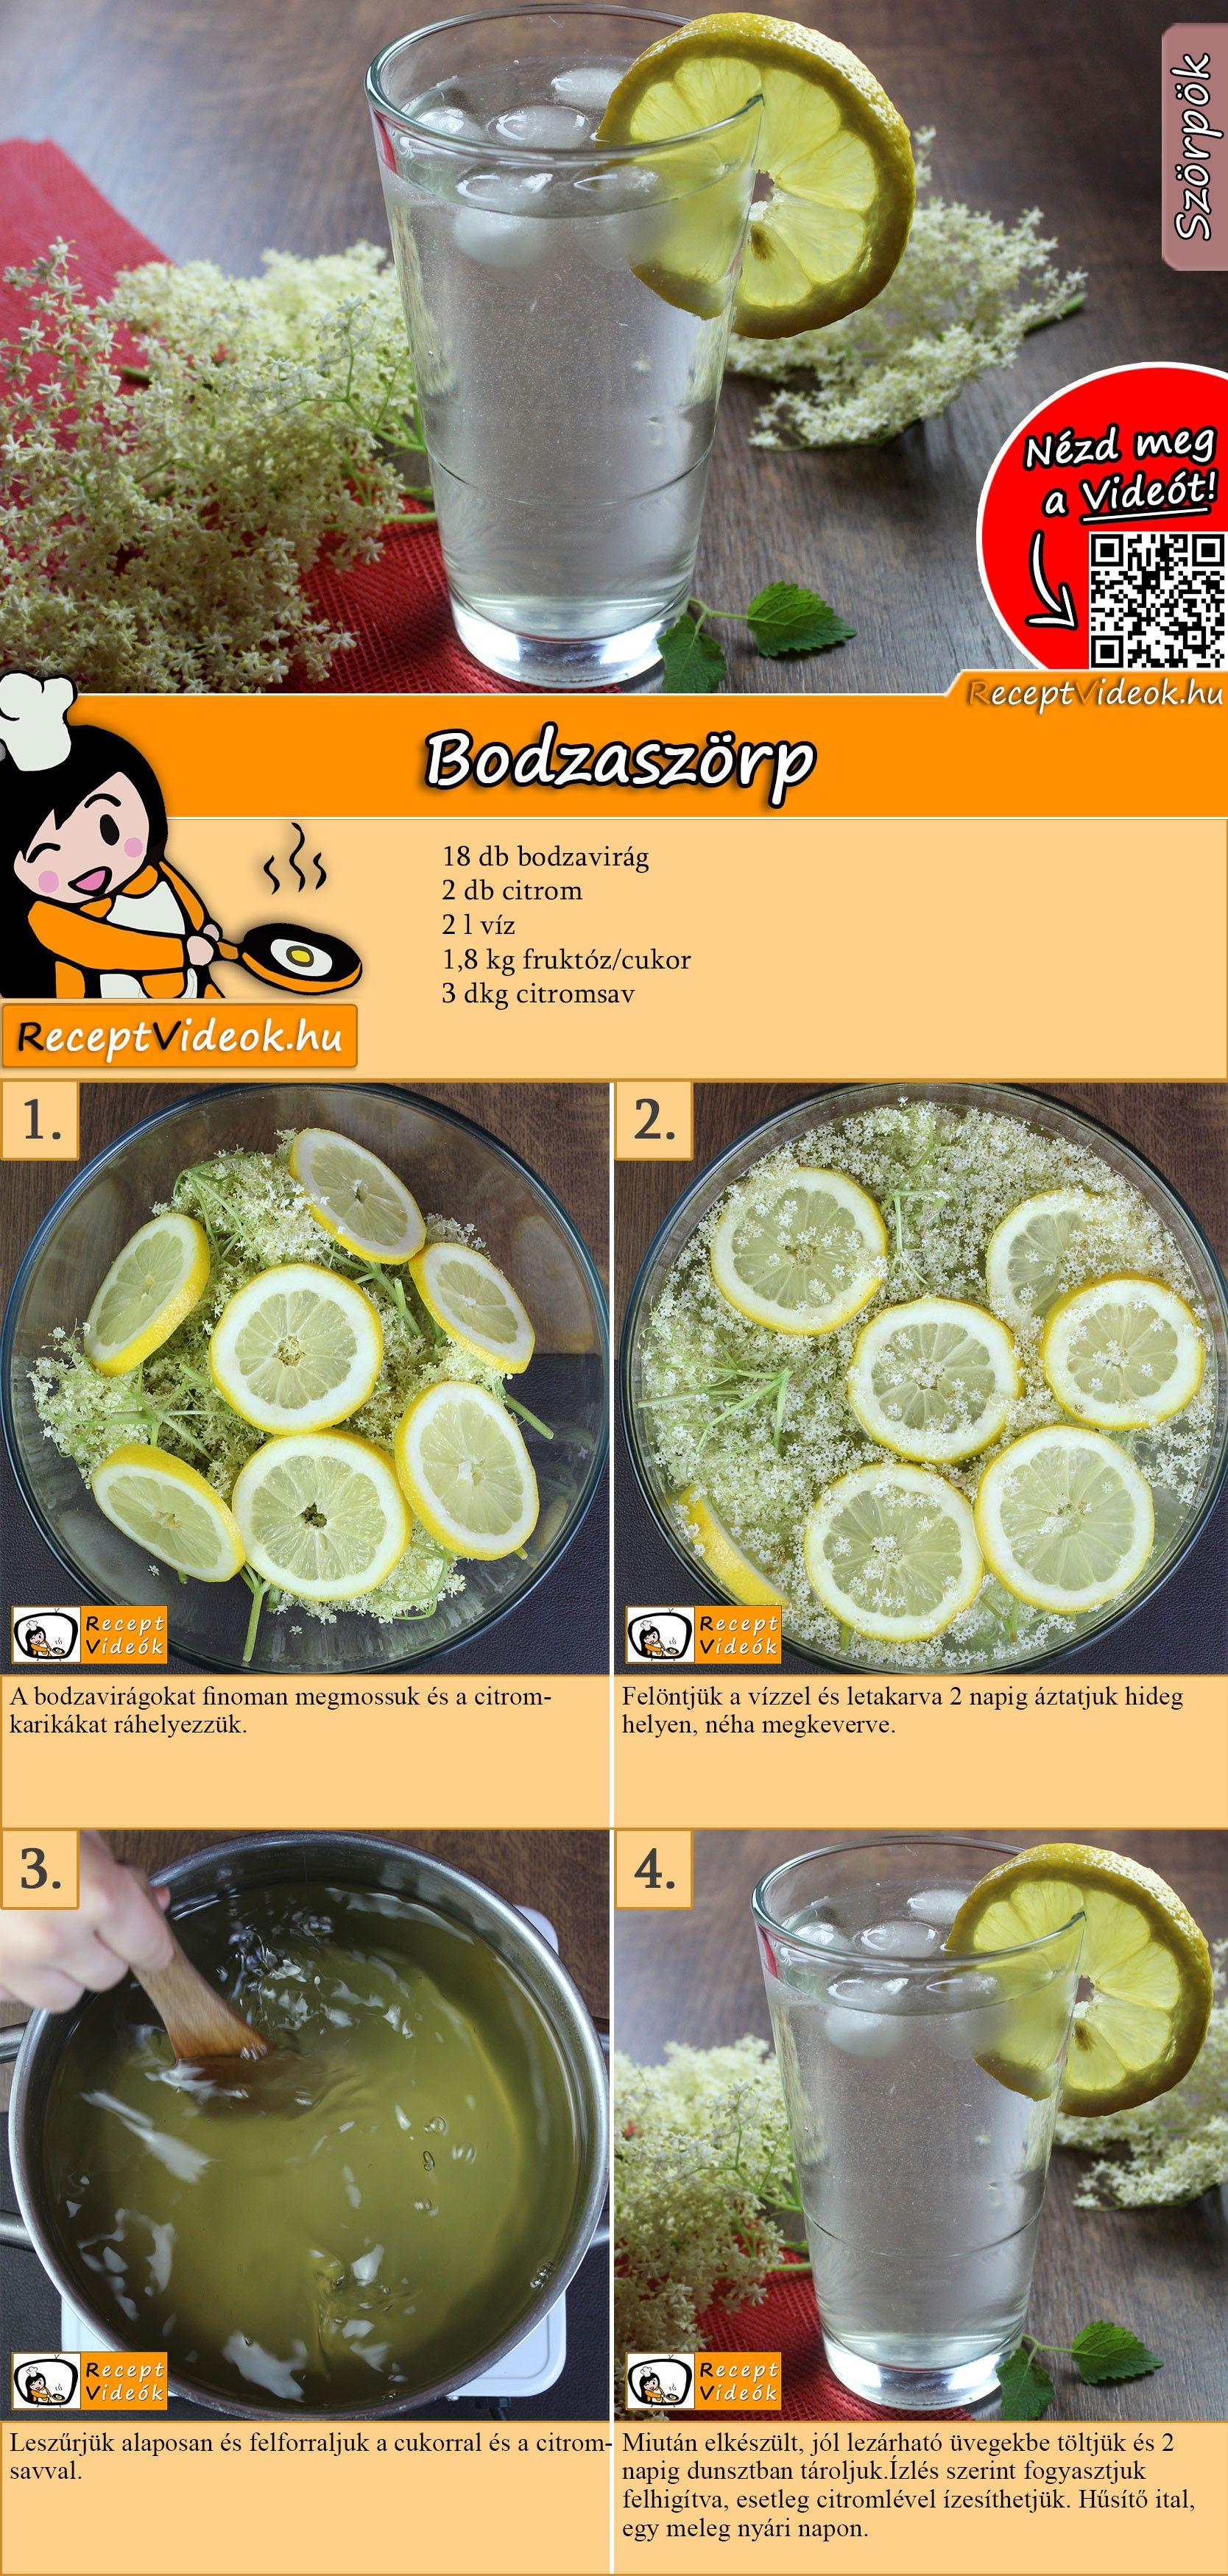 hogyan készítsünk fagyasztott citromot a fogyáshoz?